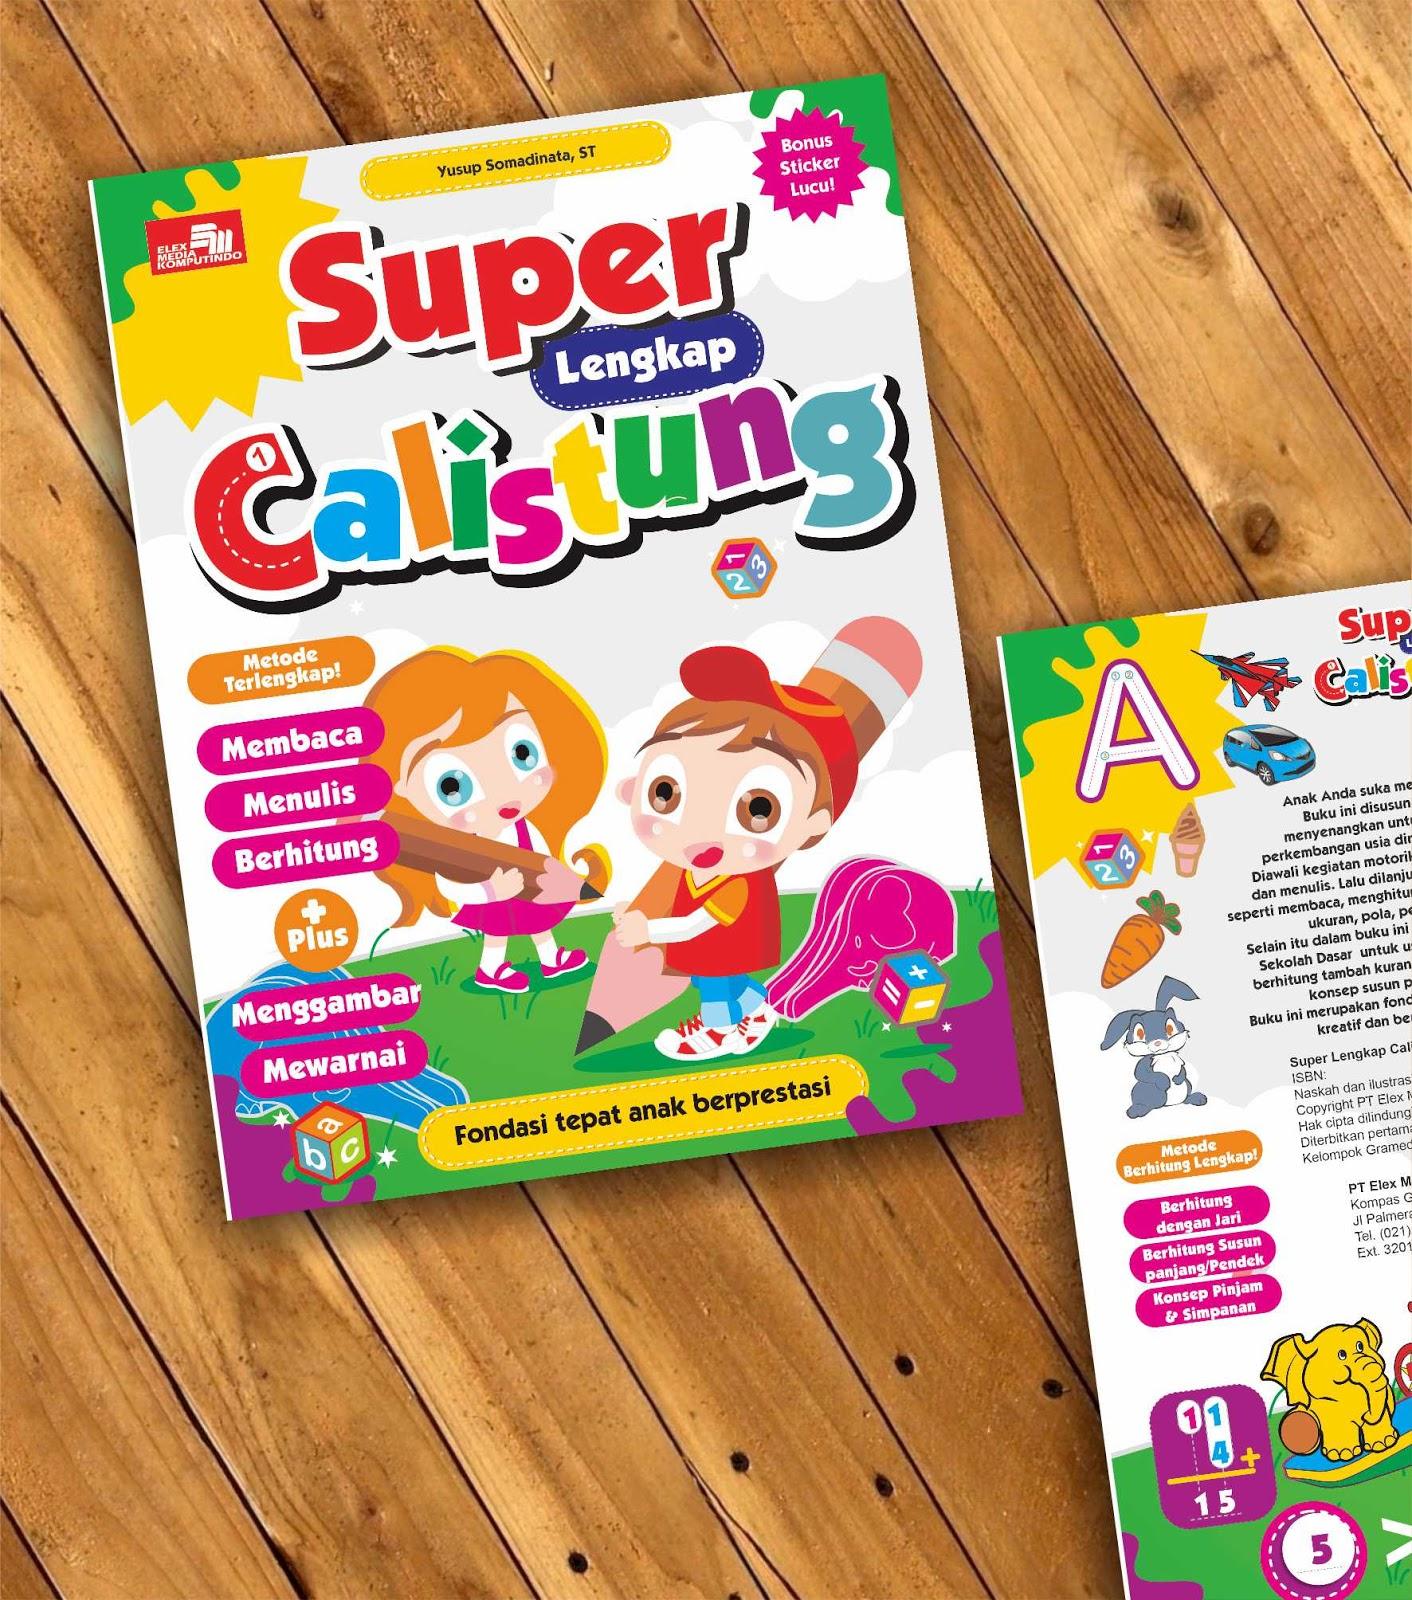 Super Lengkap Calistung Ada bonus sticker mewarnai dan menggambar juga lho Jadi belajar bisa sangat menyenangkan